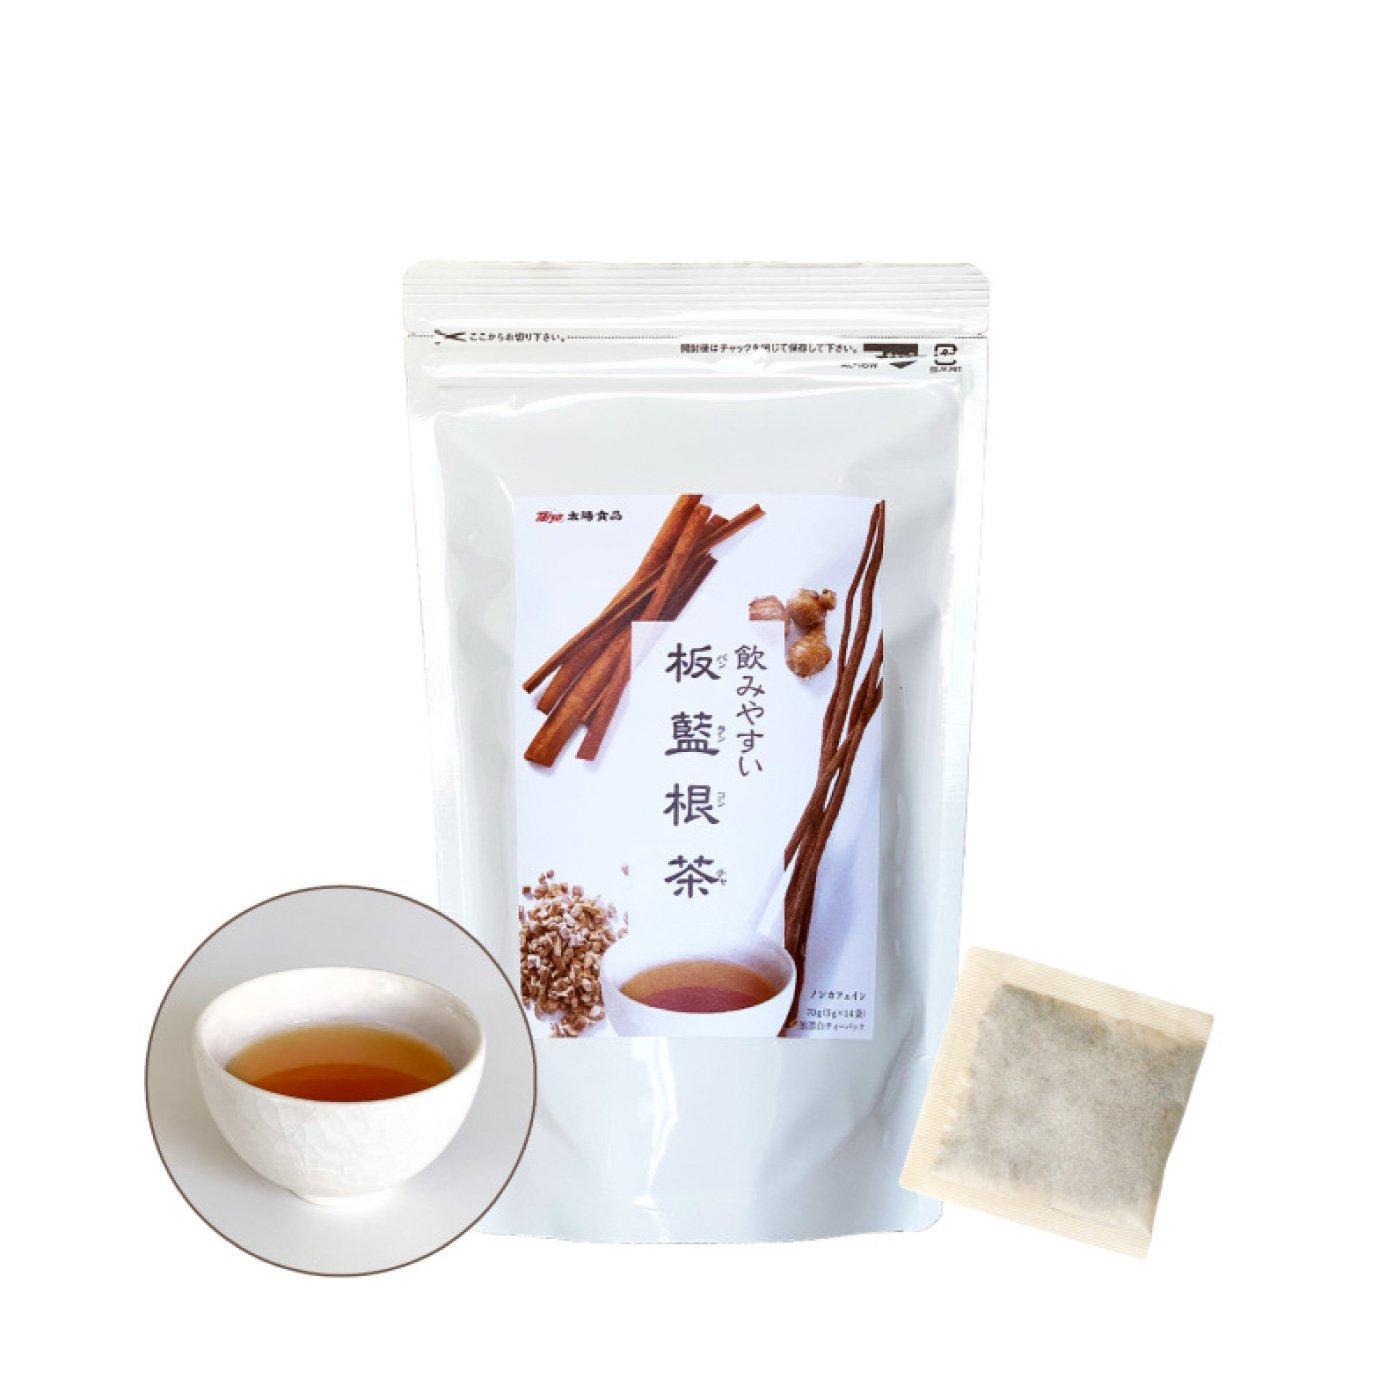 体を温めて気分すこやかに 飲みやすい板藍根茶(バンランコン茶)の会